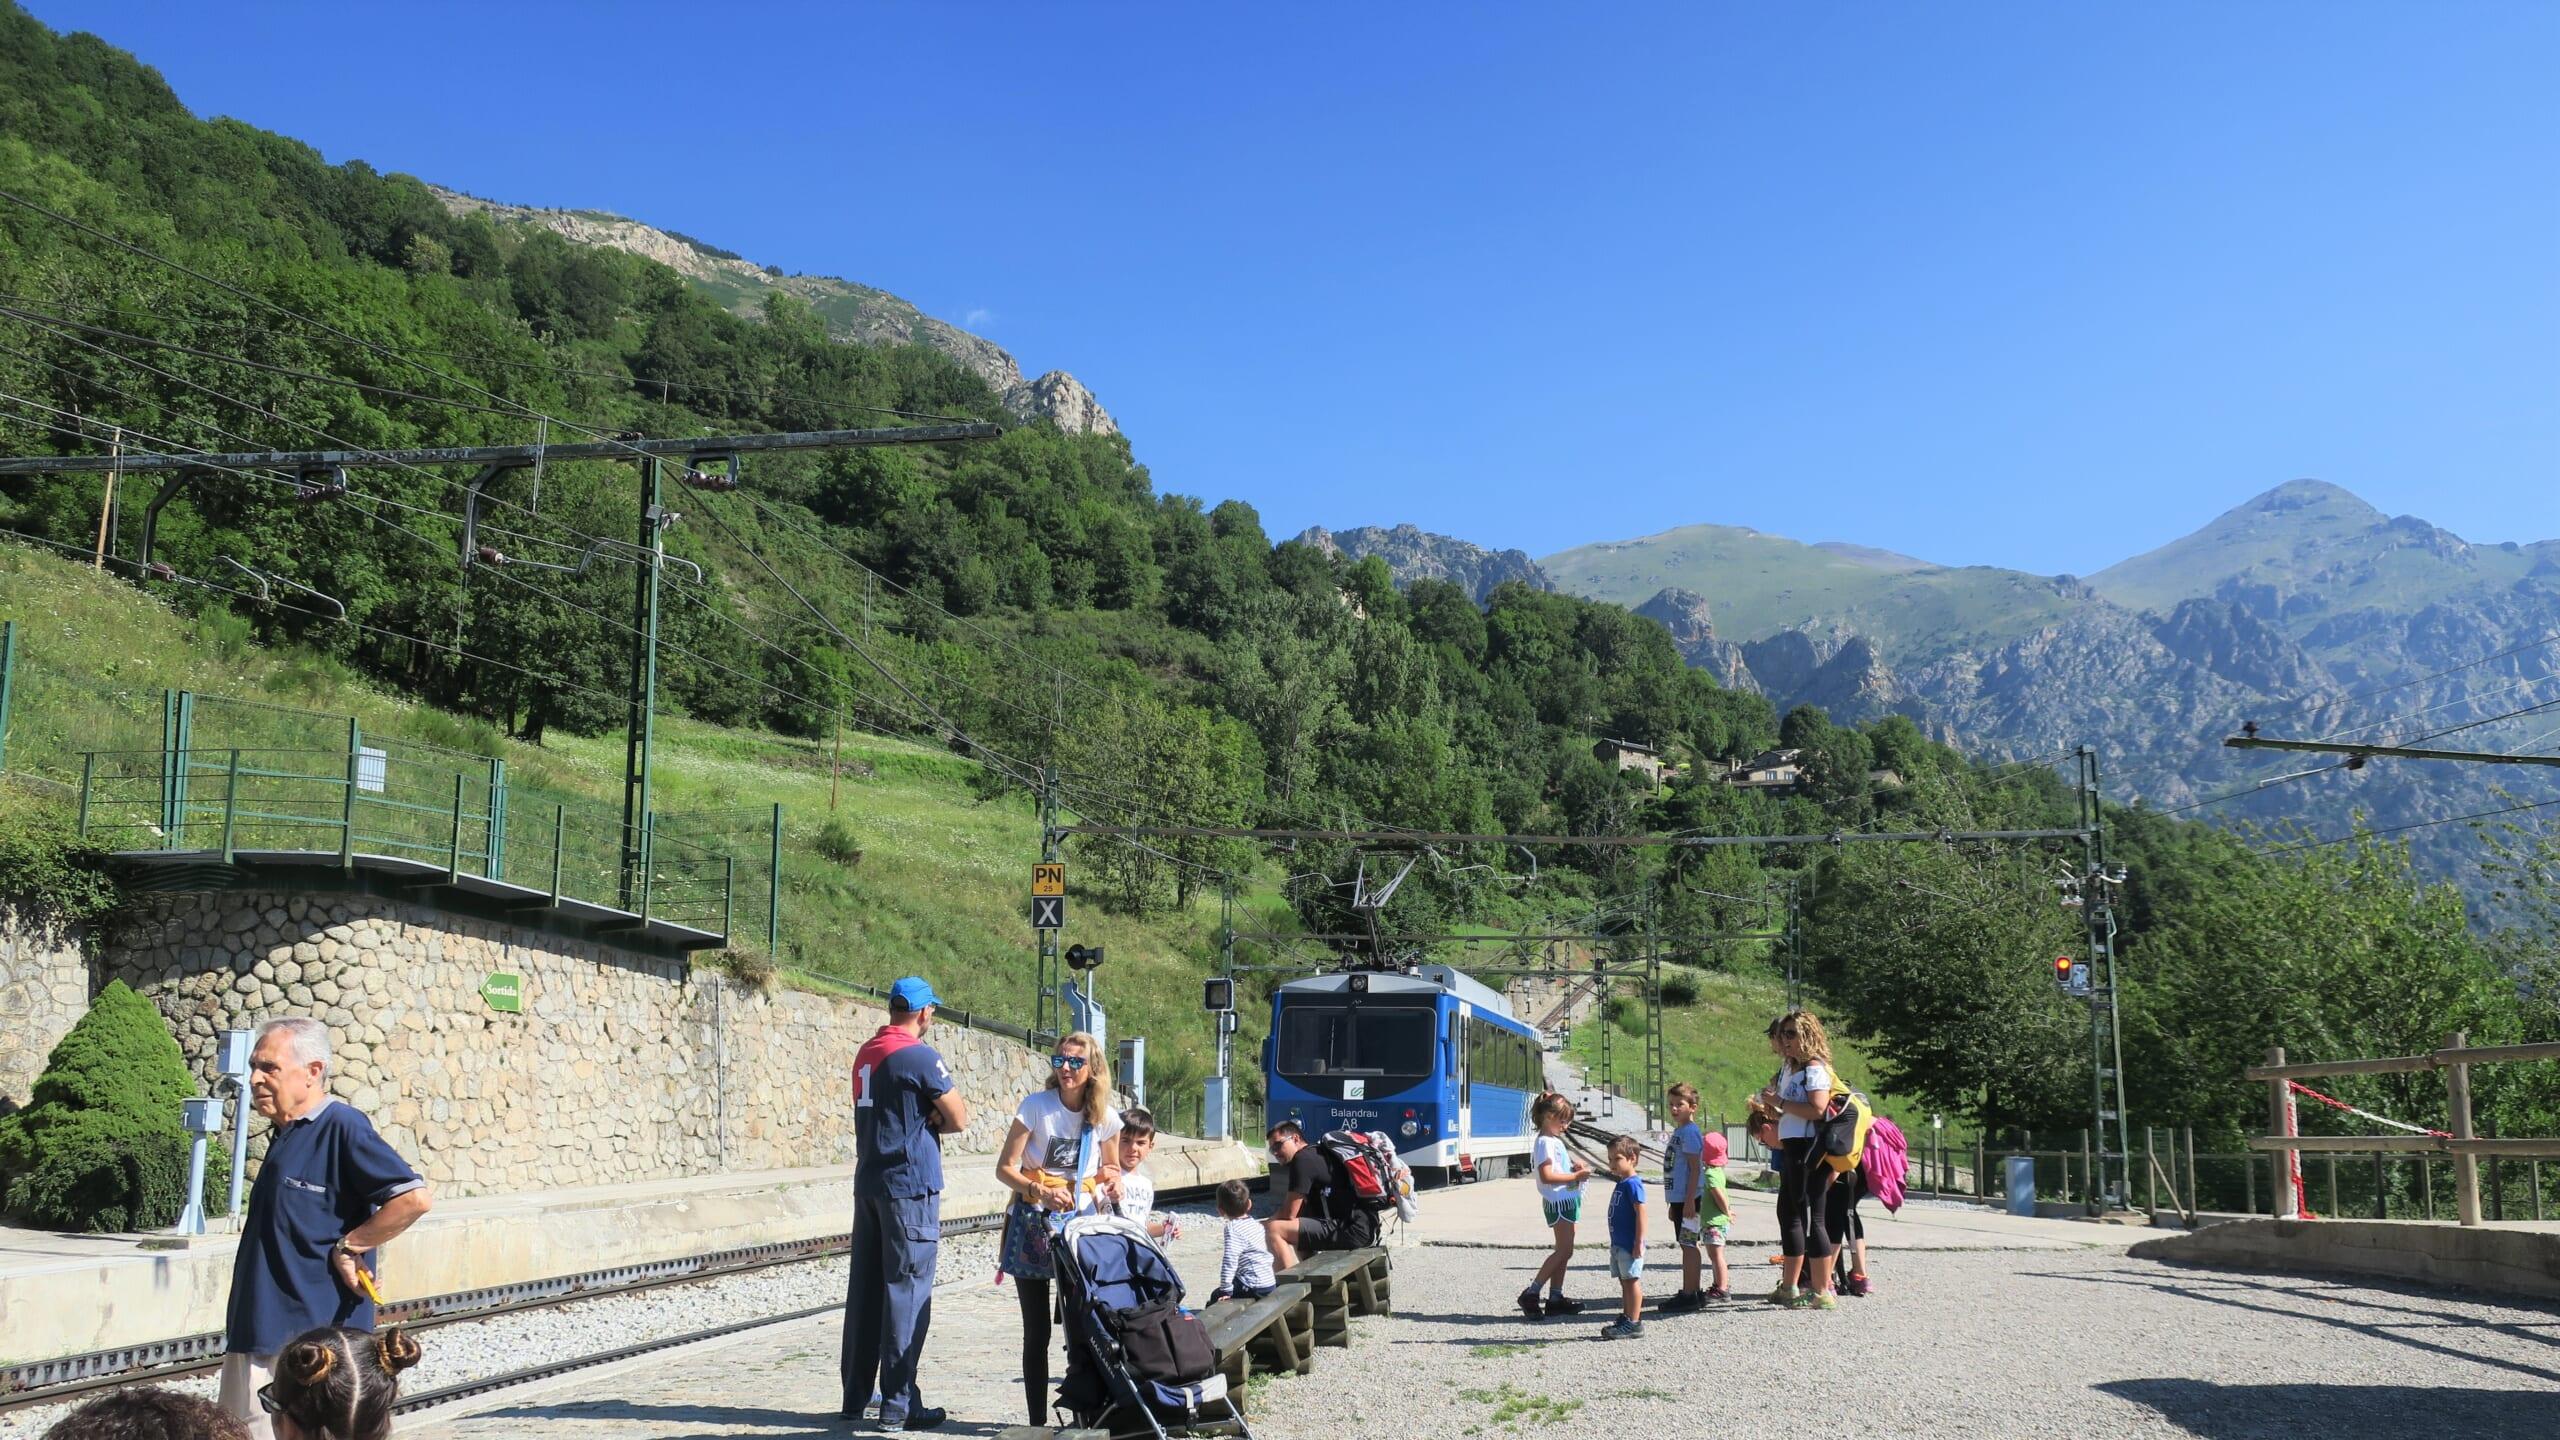 北スペインの観光スポットであるカタルーニャのヌリア渓谷